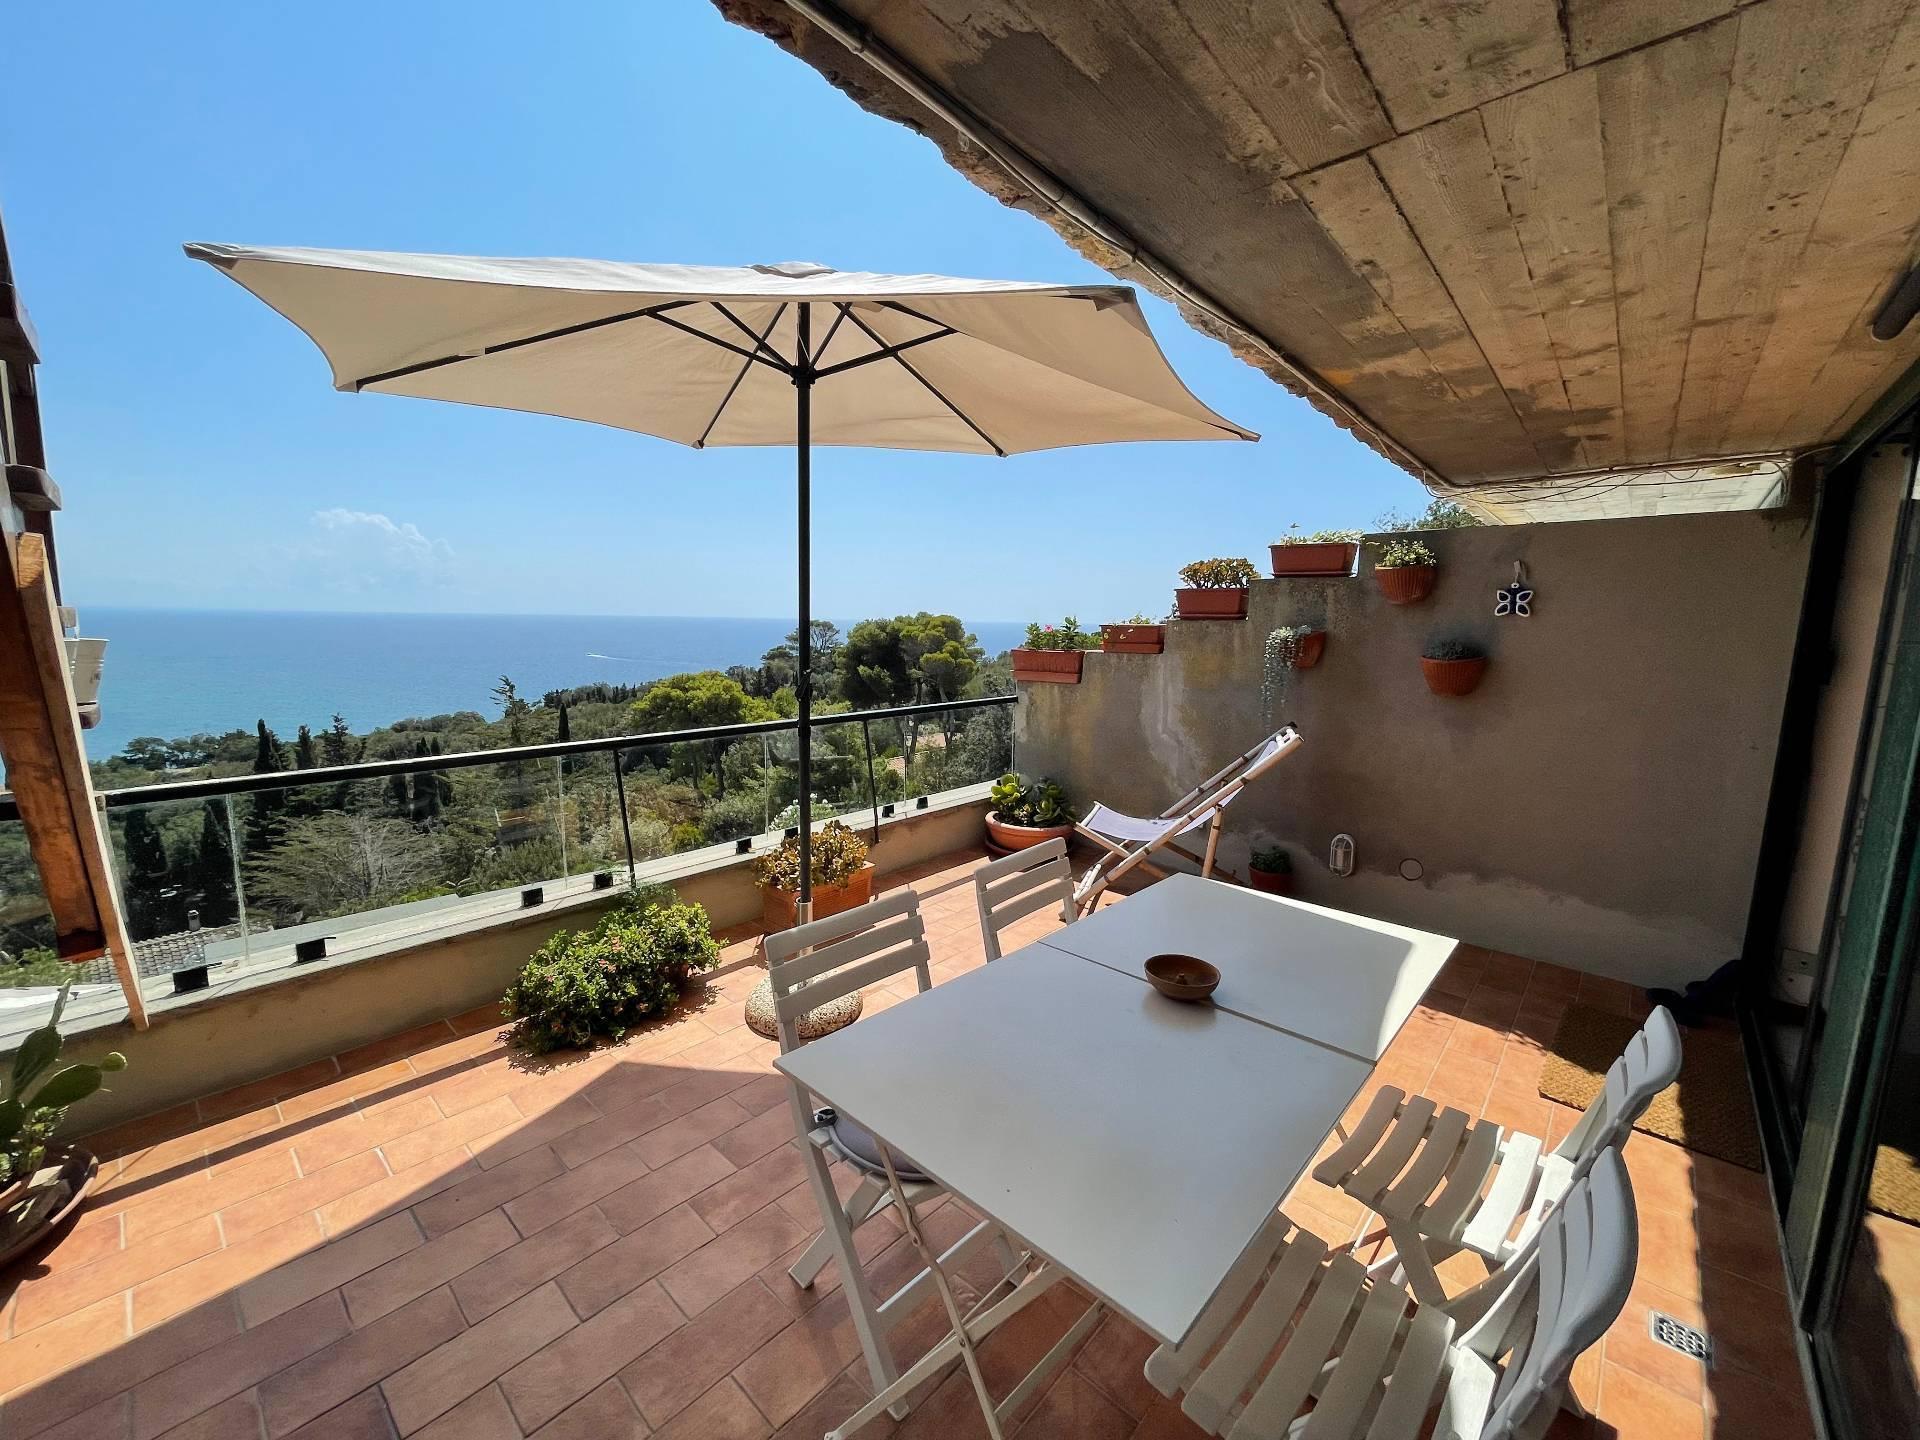 Appartamento in vendita a Orbetello, 3 locali, zona donia, prezzo € 350.000 | PortaleAgenzieImmobiliari.it